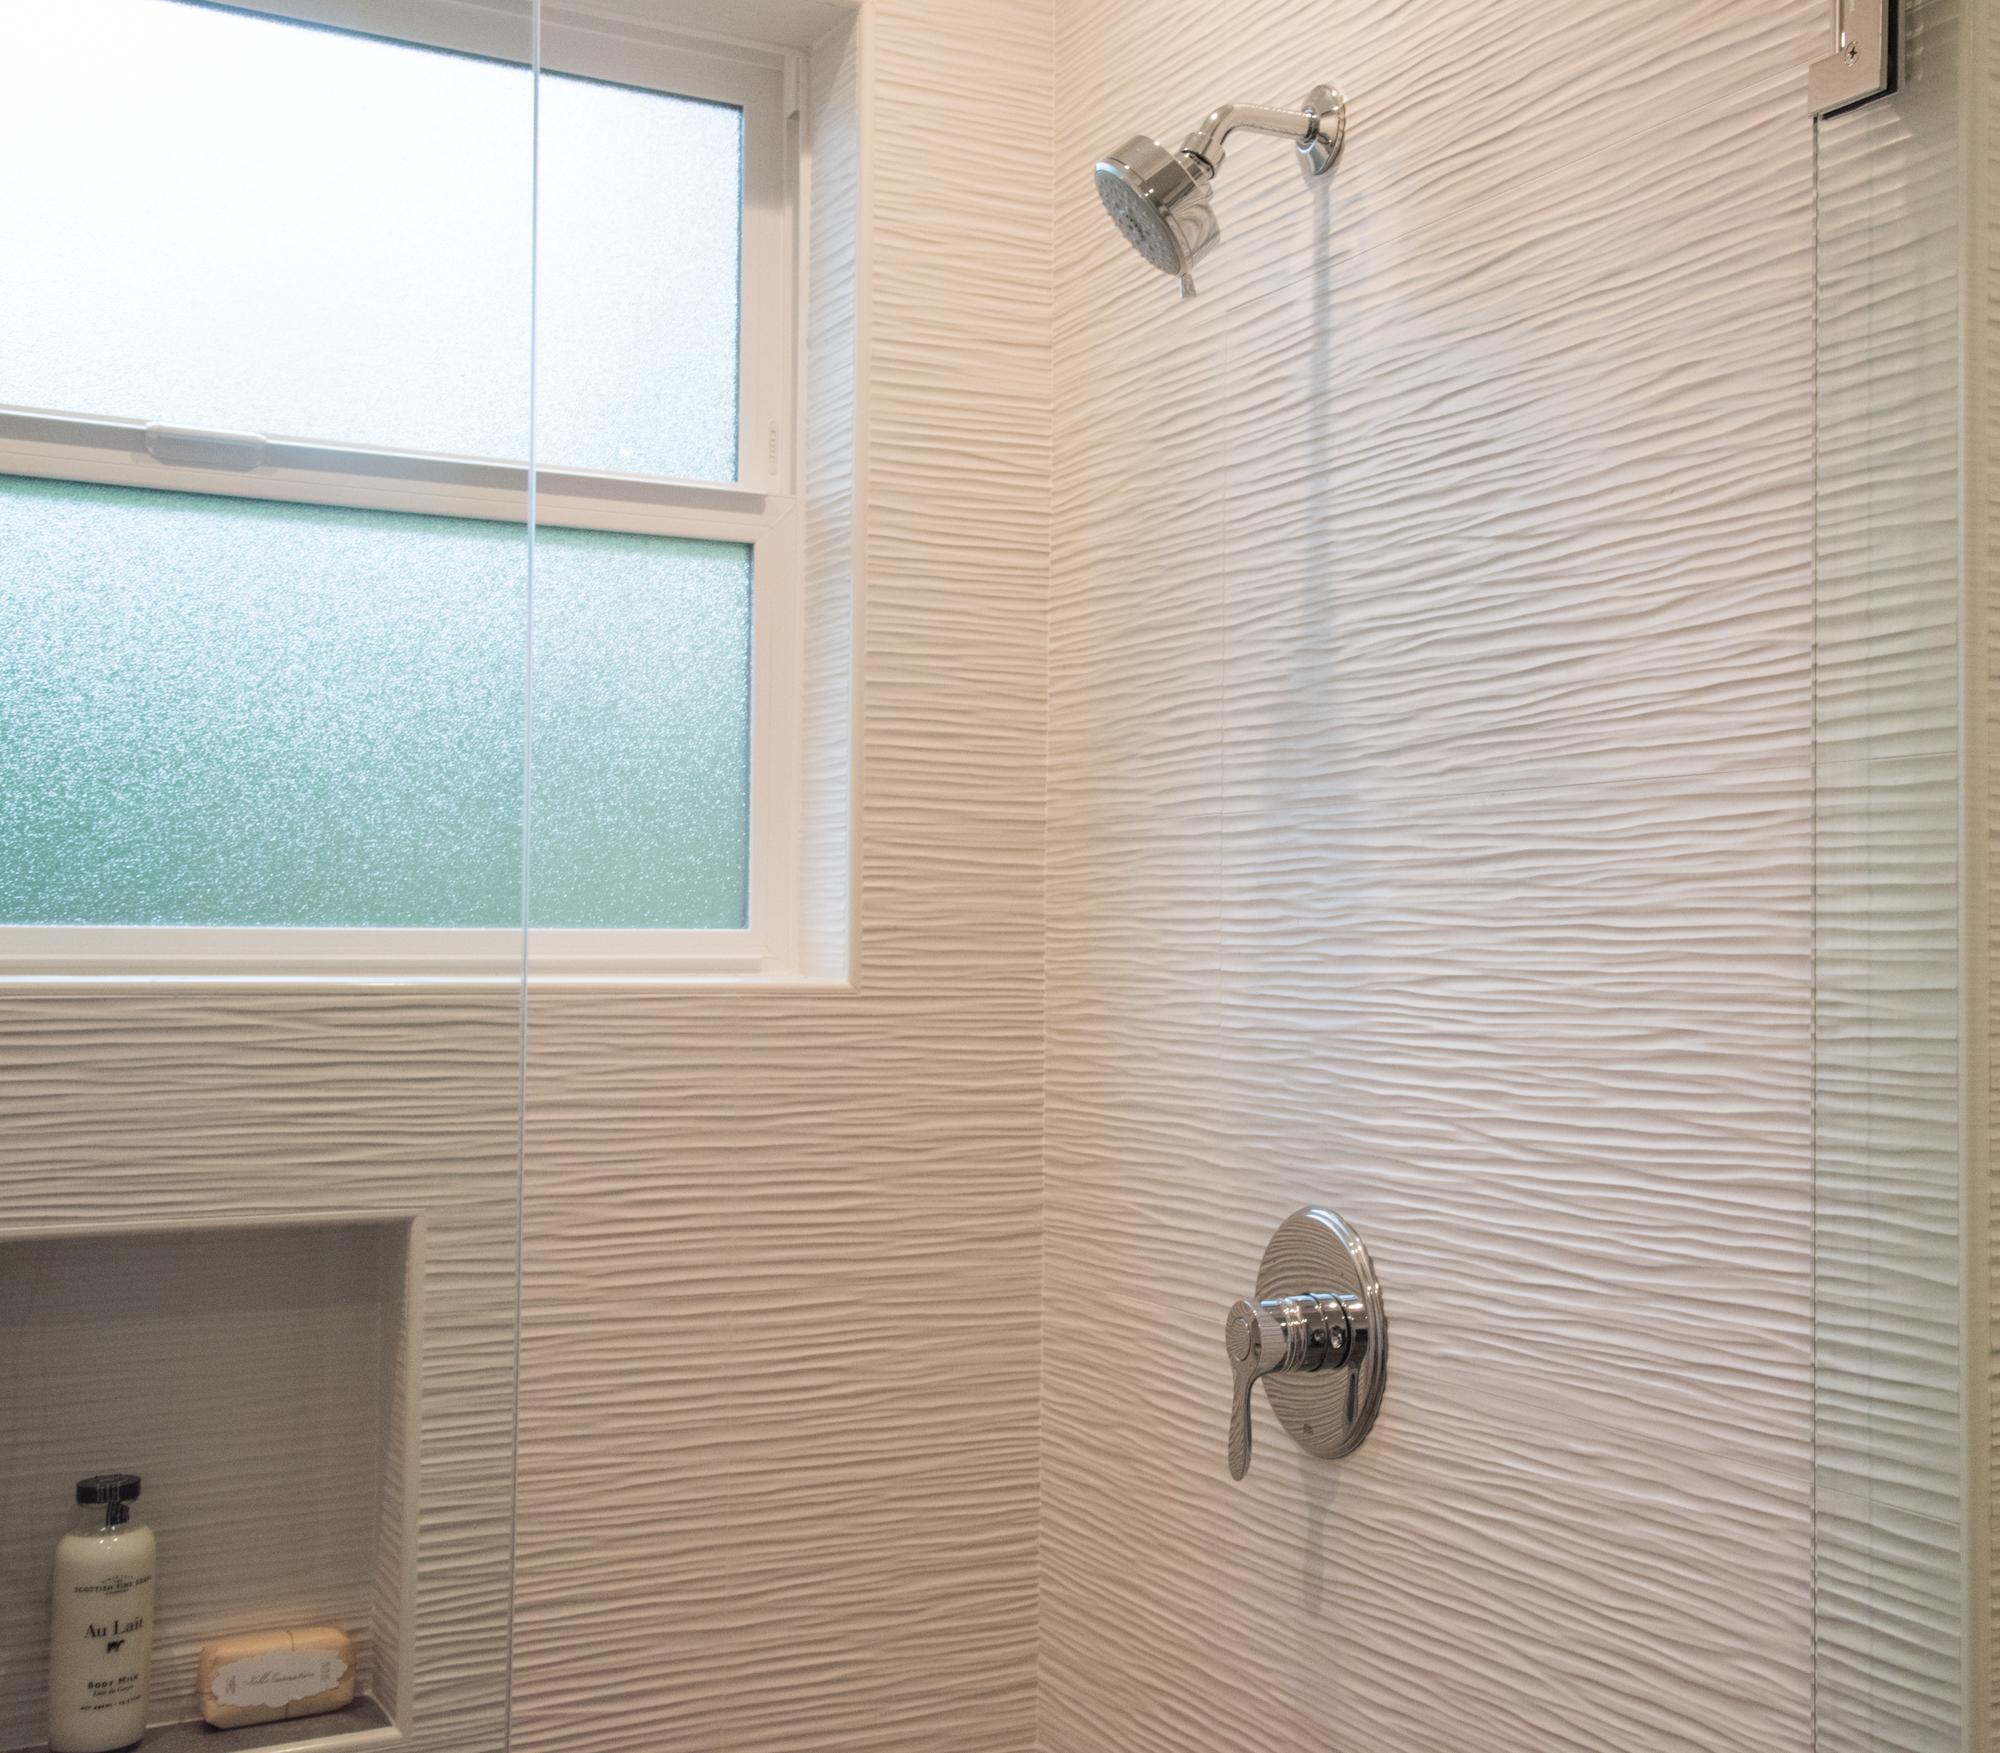 Atlas Concorde Arty Ceramic Wall Tile Wave